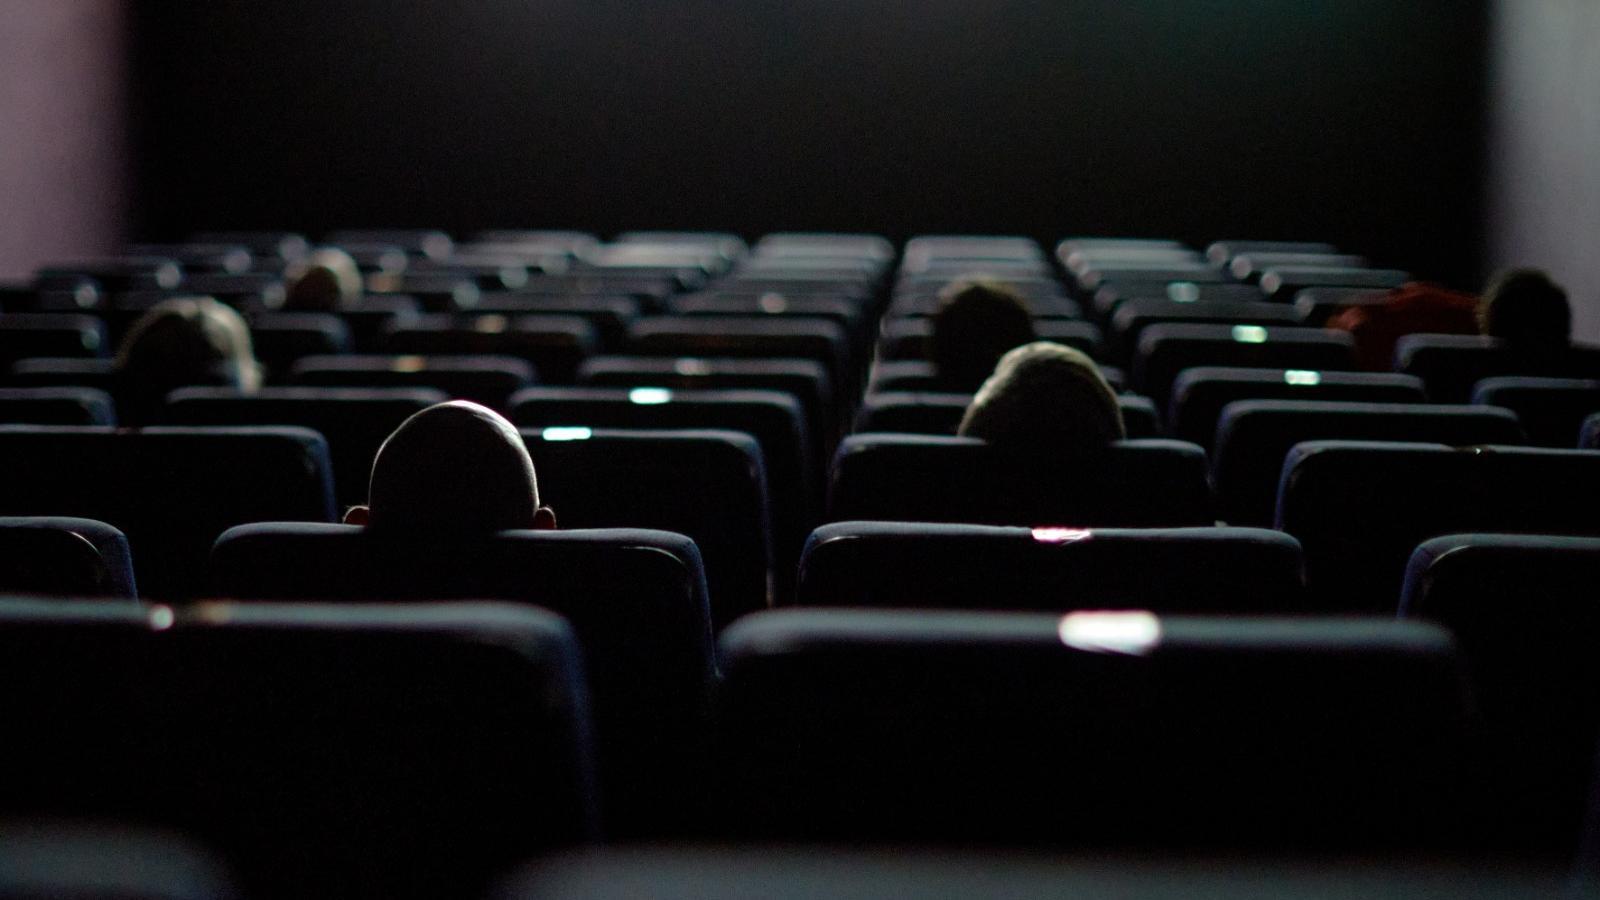 Una desena d'espectadors no s'han volgut perdre la reobertura del cinema Truffaut de Girona aquest divendres 12 de juny